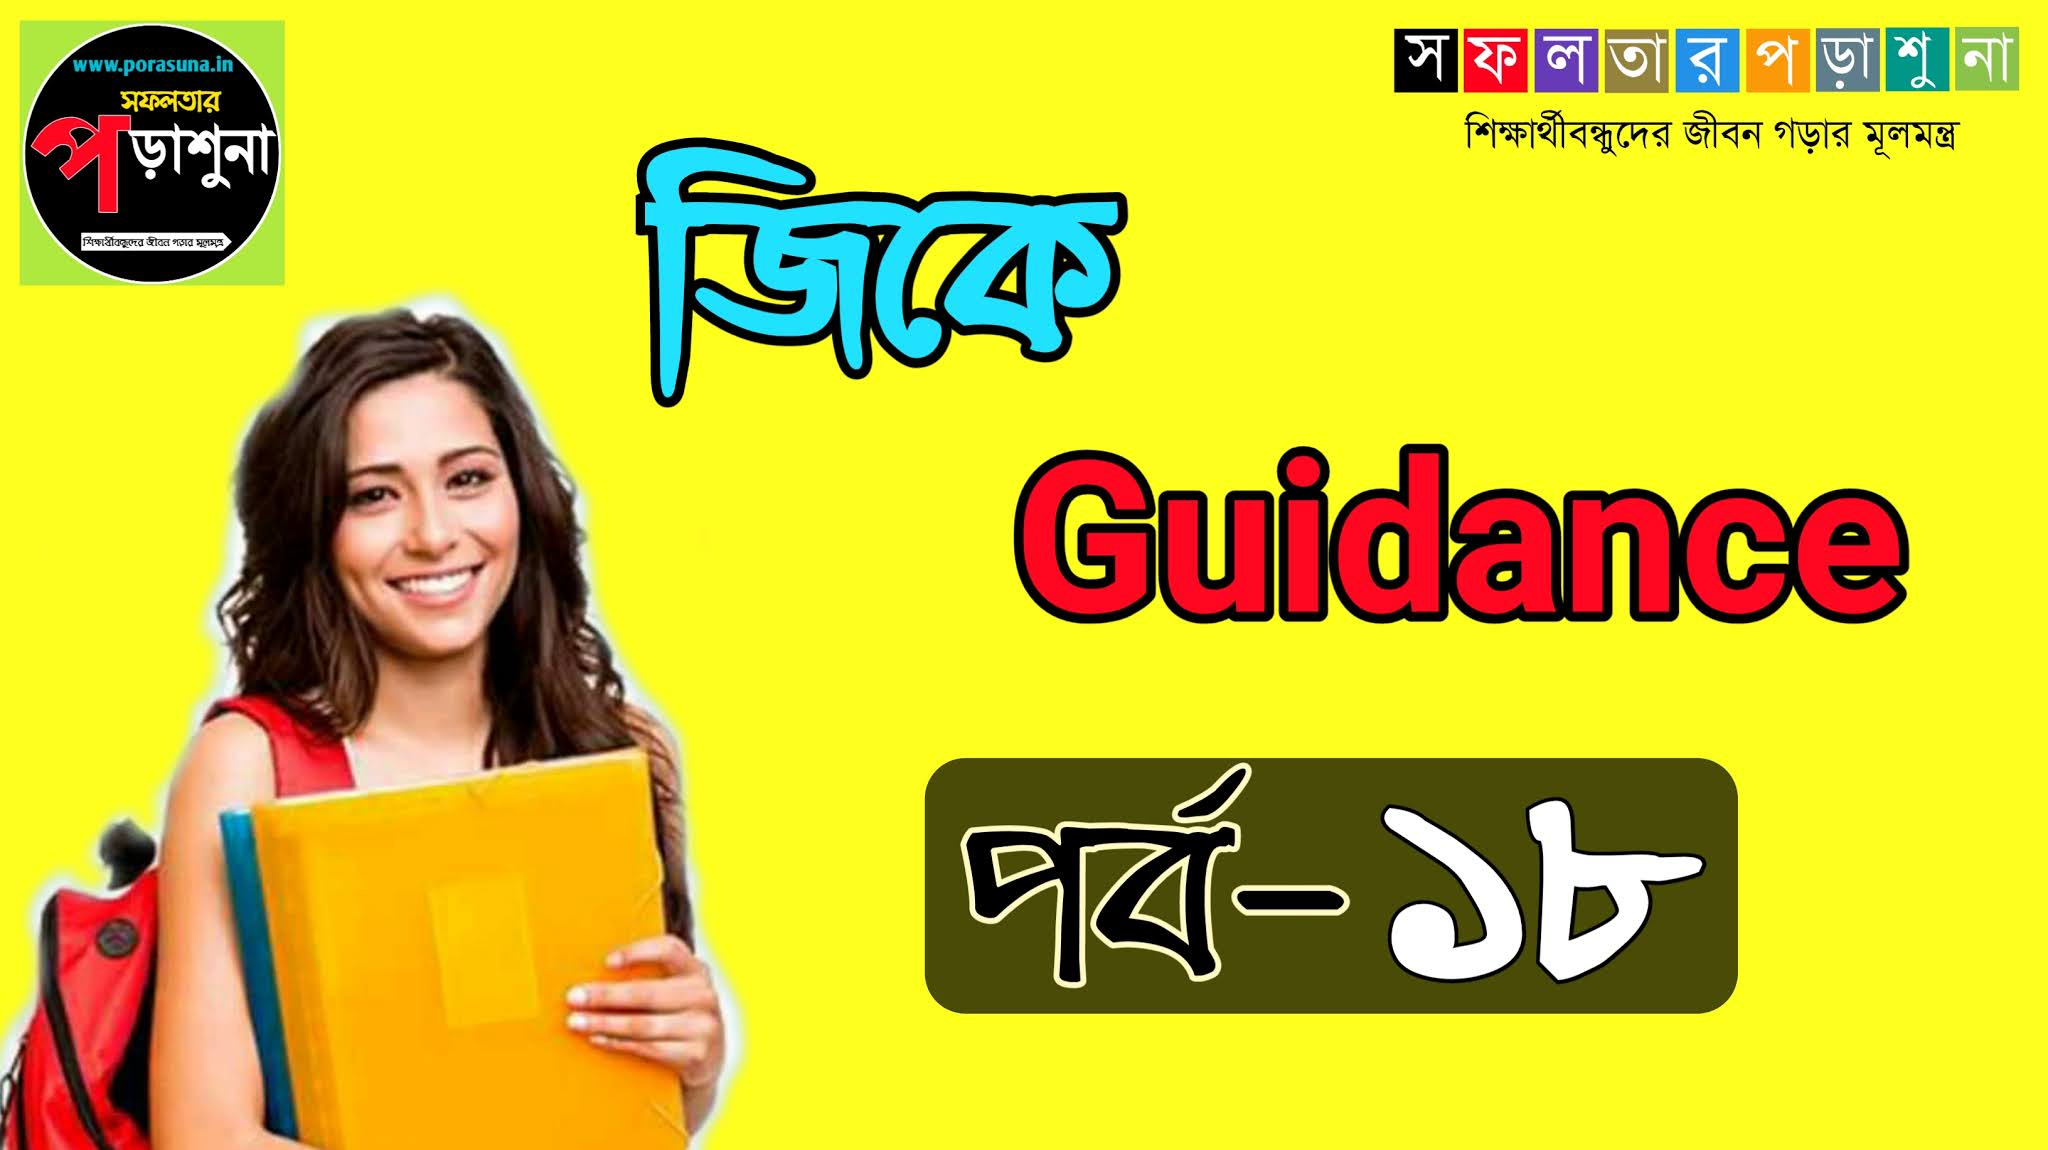 জিকে - Gk Guidance (Part-18) in Bengali for All Competitive Exams - WBCS / RAILWAY /PSC /SSC /WBP etc || বাংলায় জিকে Guidance